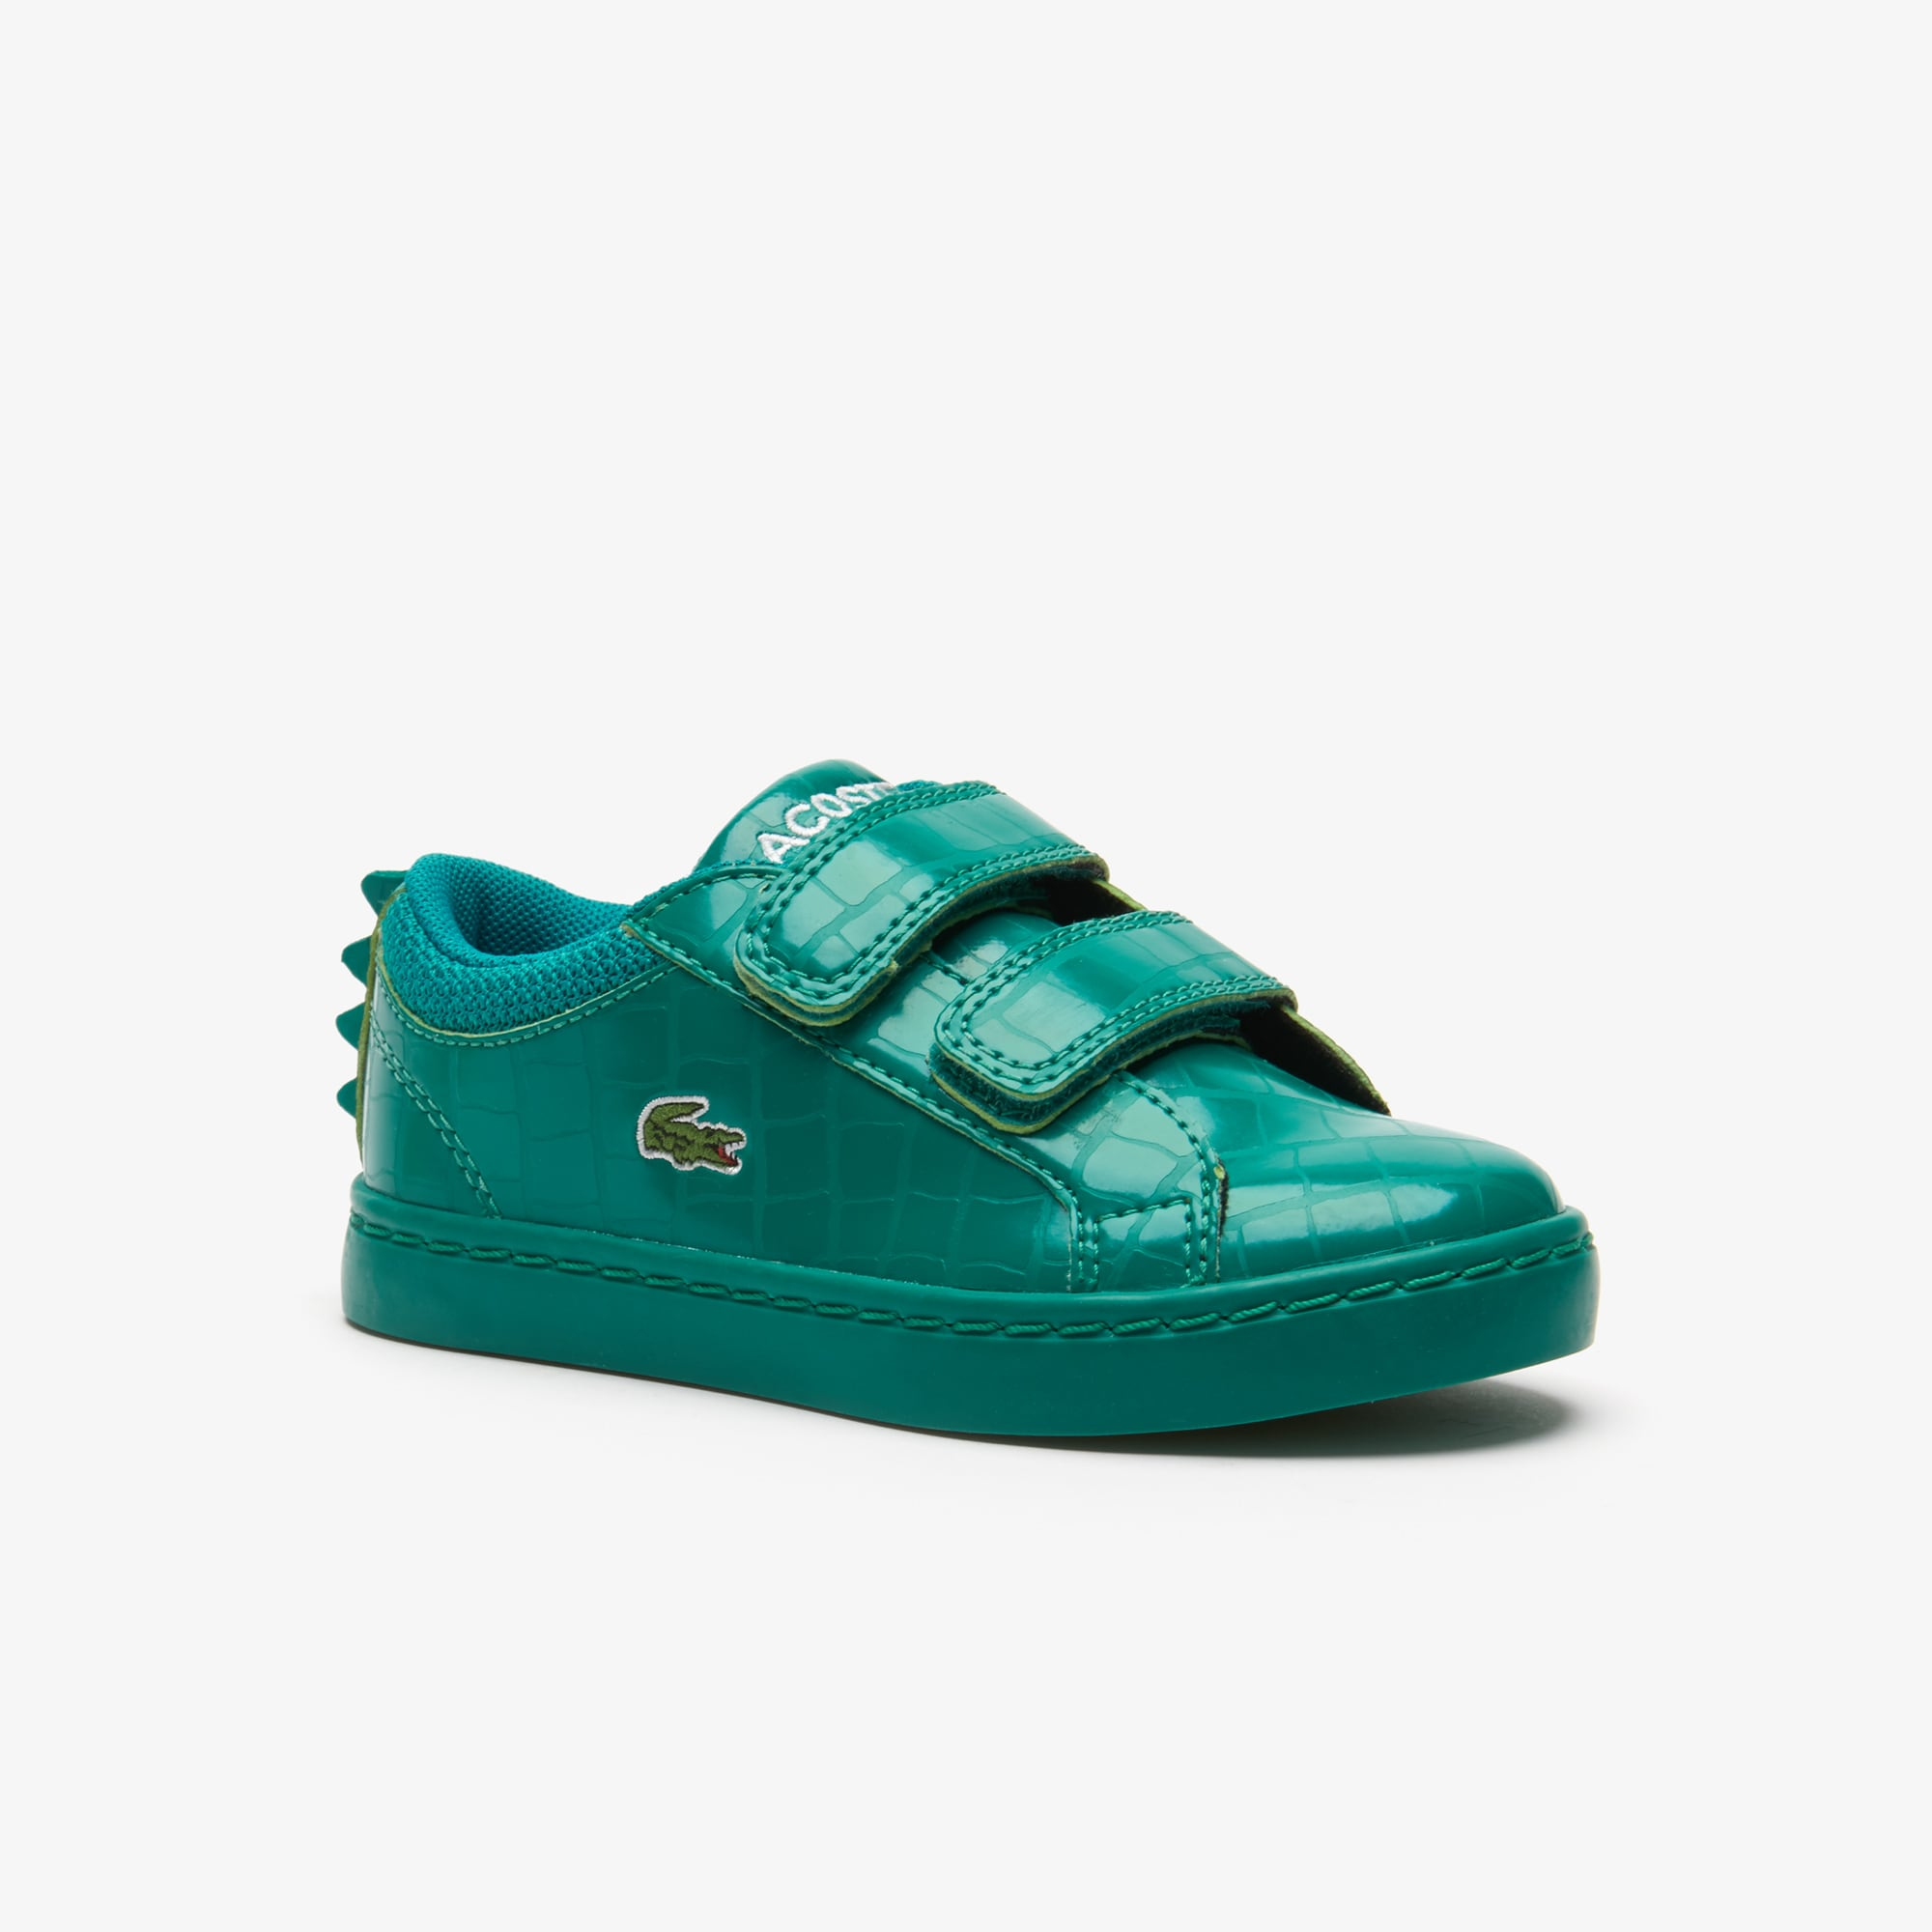 881e39d58a Chaussures Garçon | Chaussures Enfant | LACOSTE